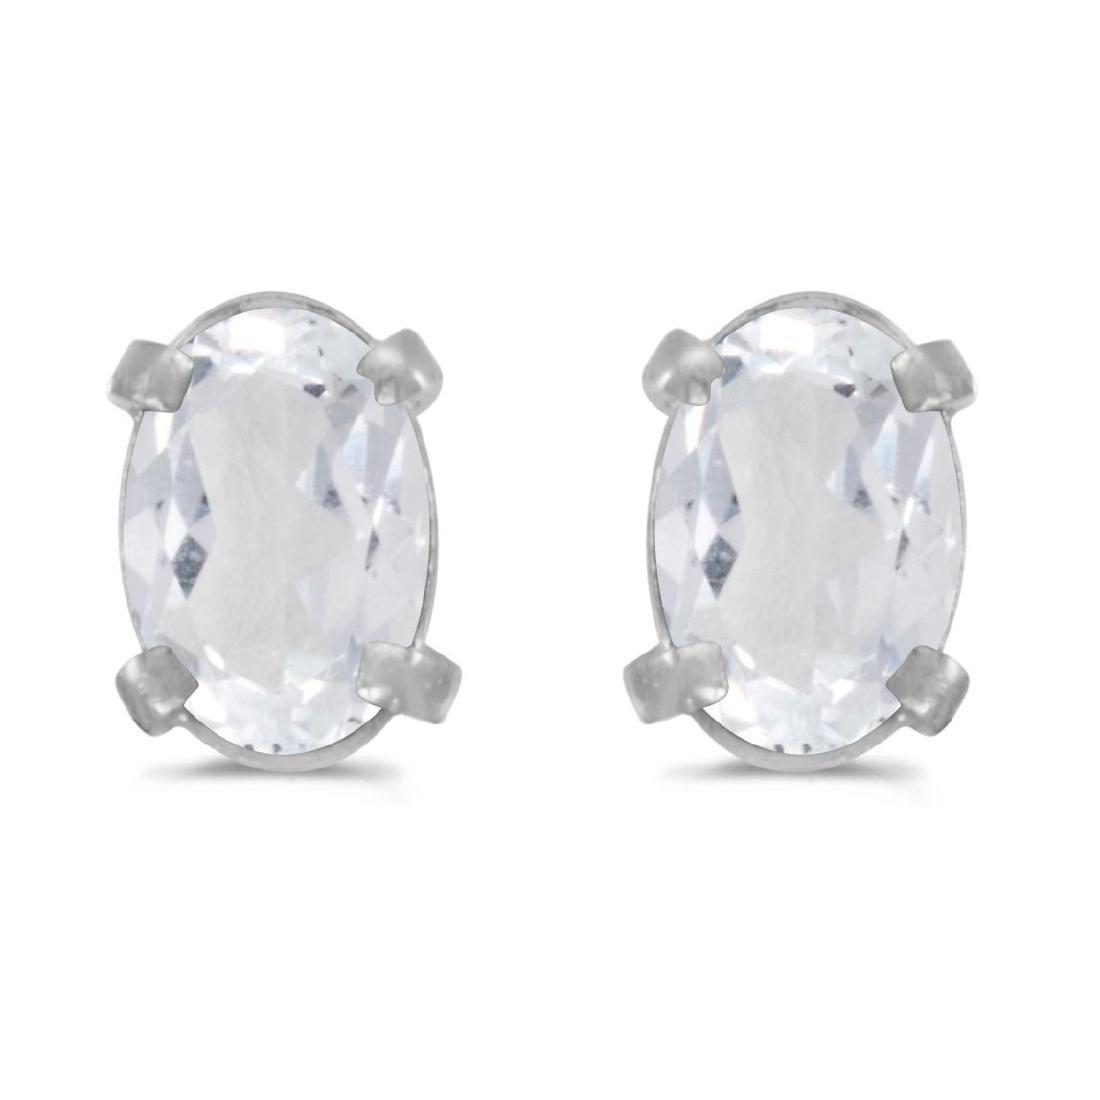 Certified 14k White Gold Oval White Topaz Earrings 0.96